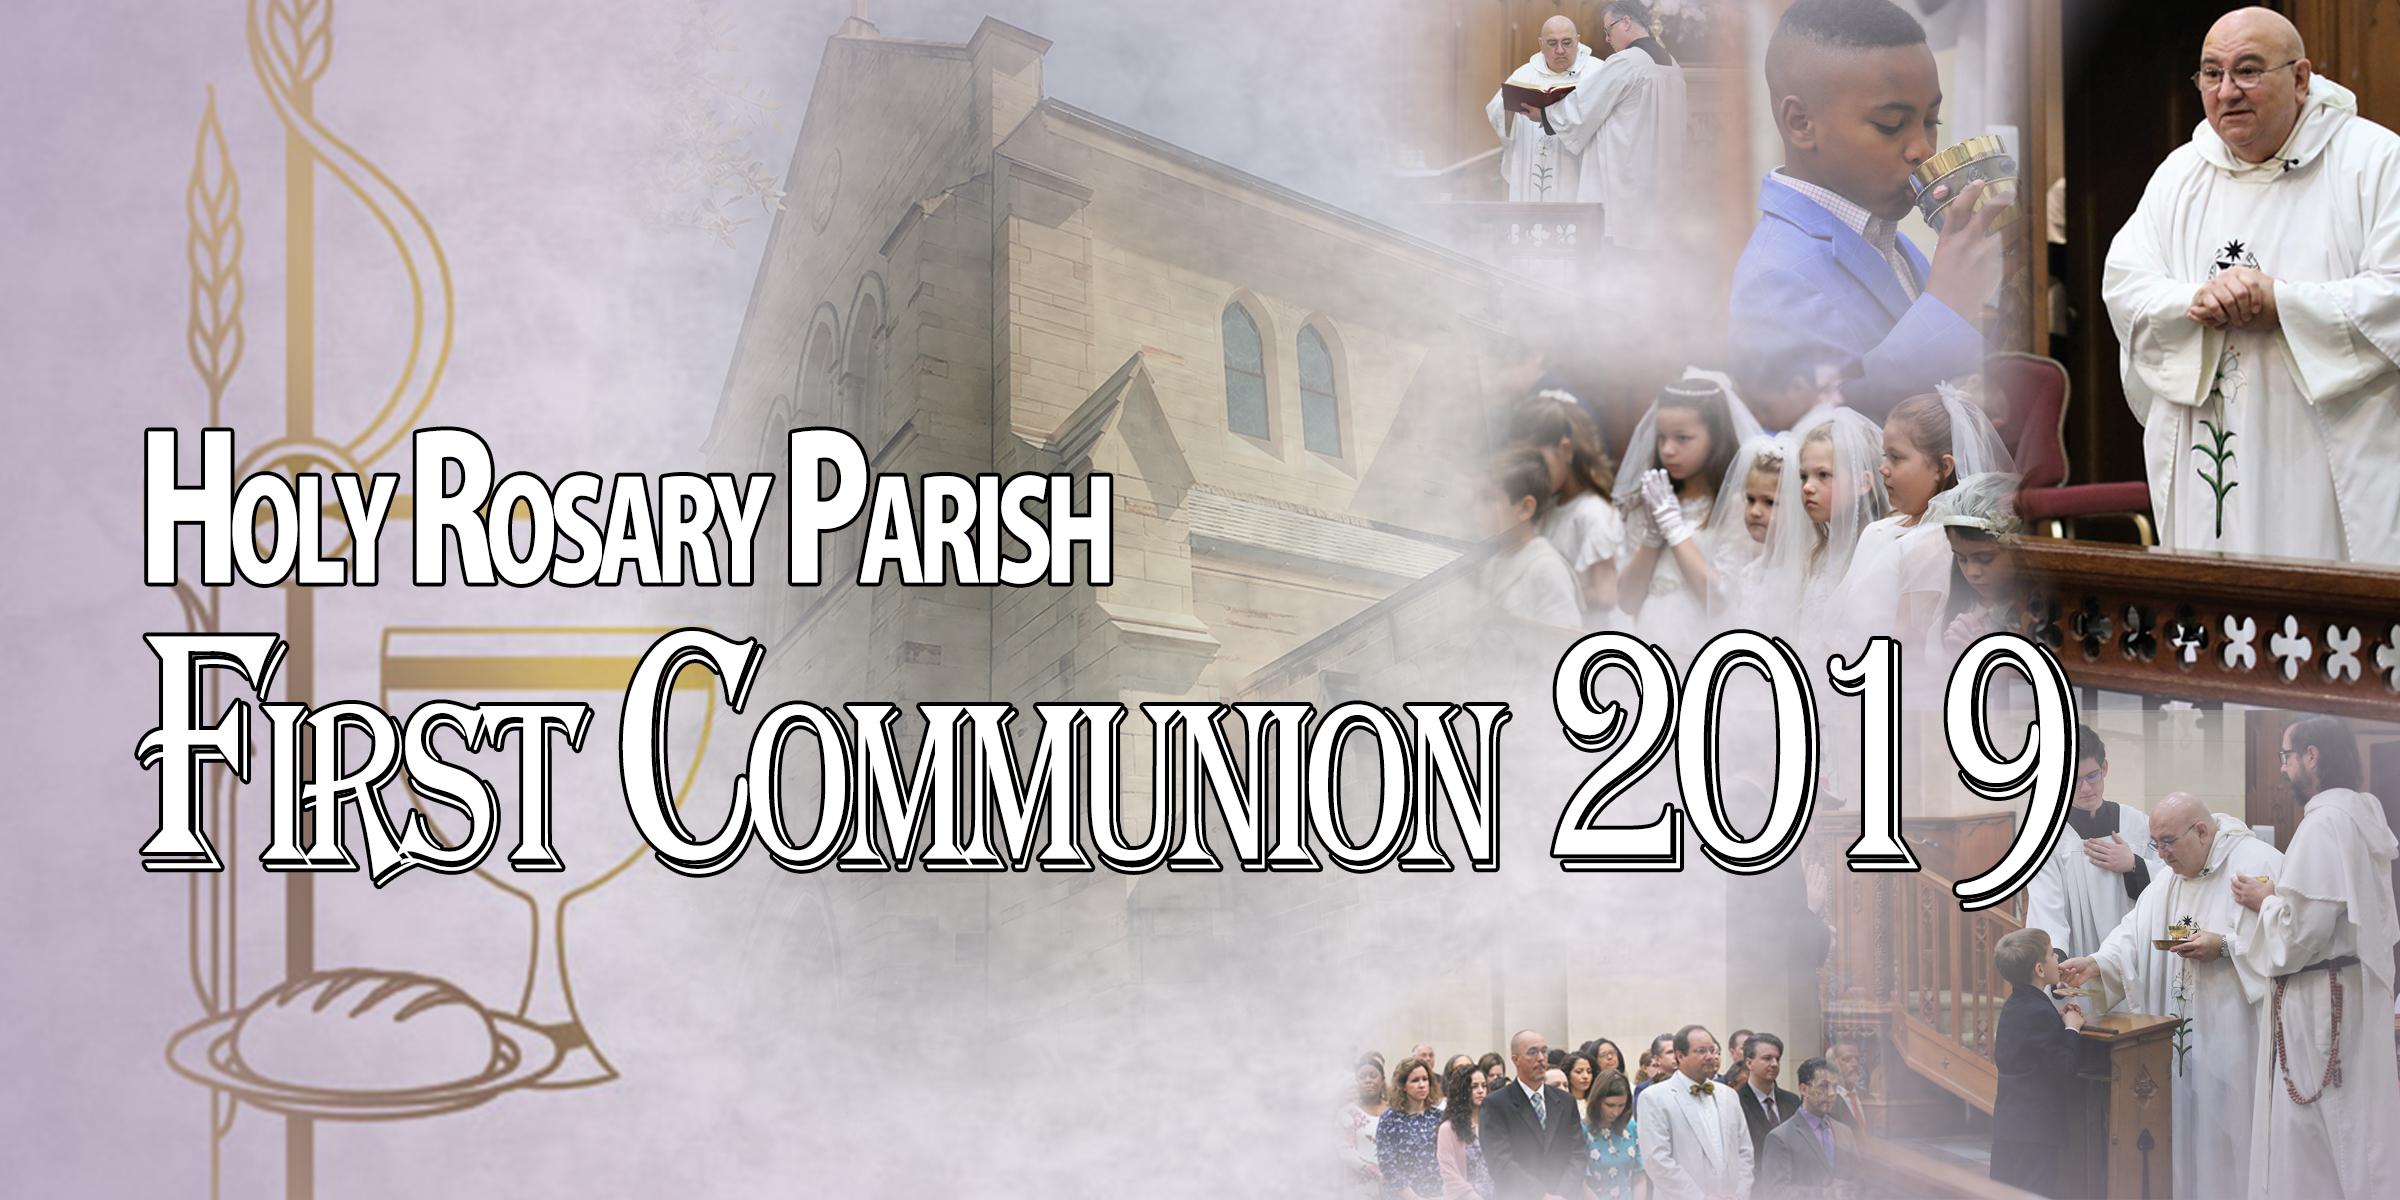 first communion 2019 banner 1.jpg